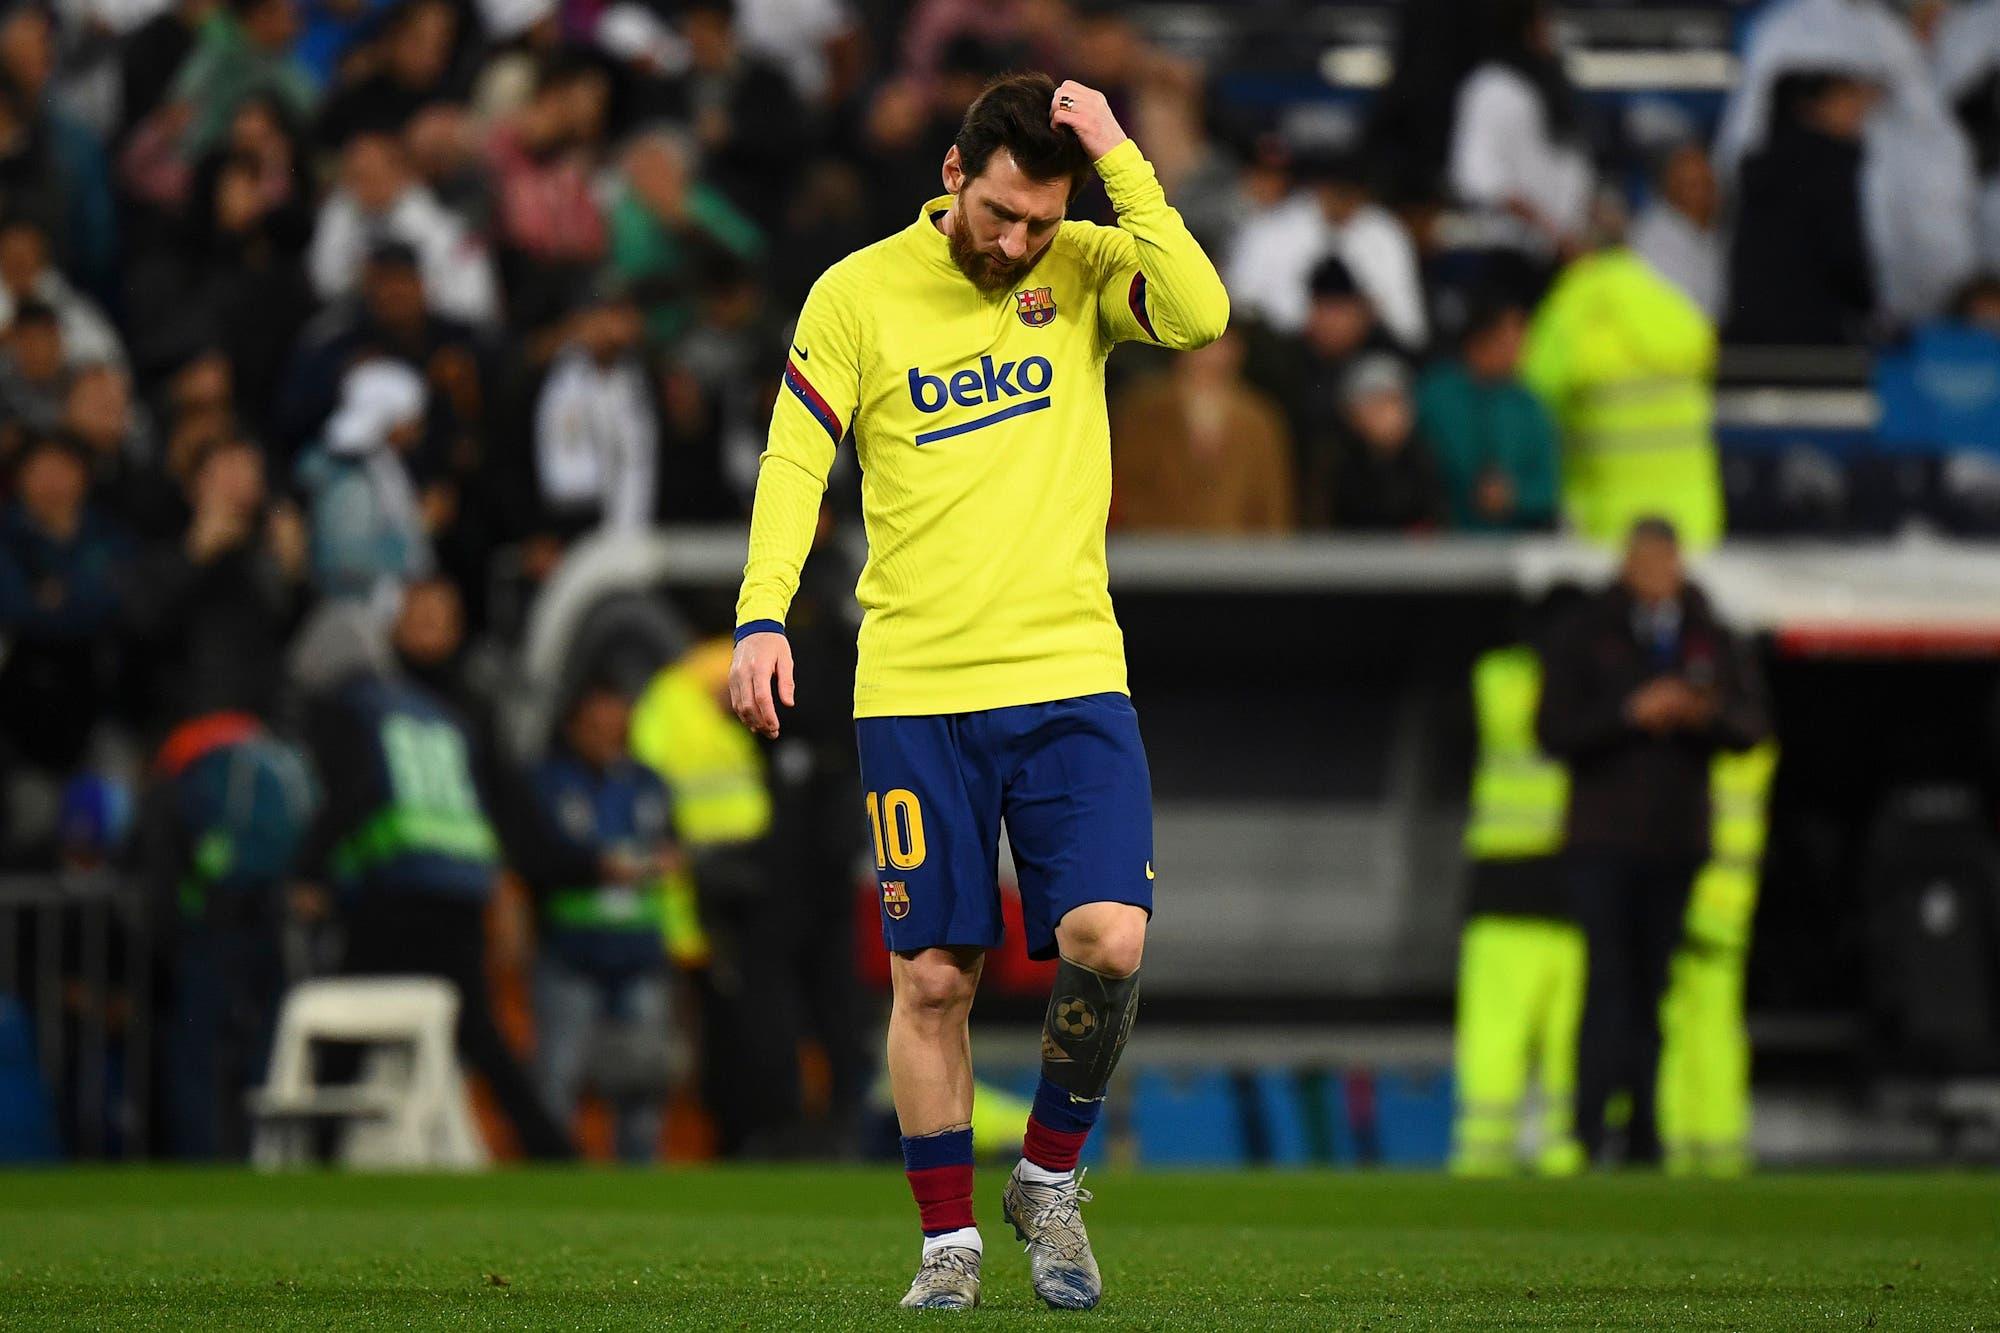 """Coronavirus. ¿Explota la burbuja? El fútbol va camino a la """"quiebra"""" y busca mecanismos de rescate para evitar el colapso si se extiende la cuarentena"""